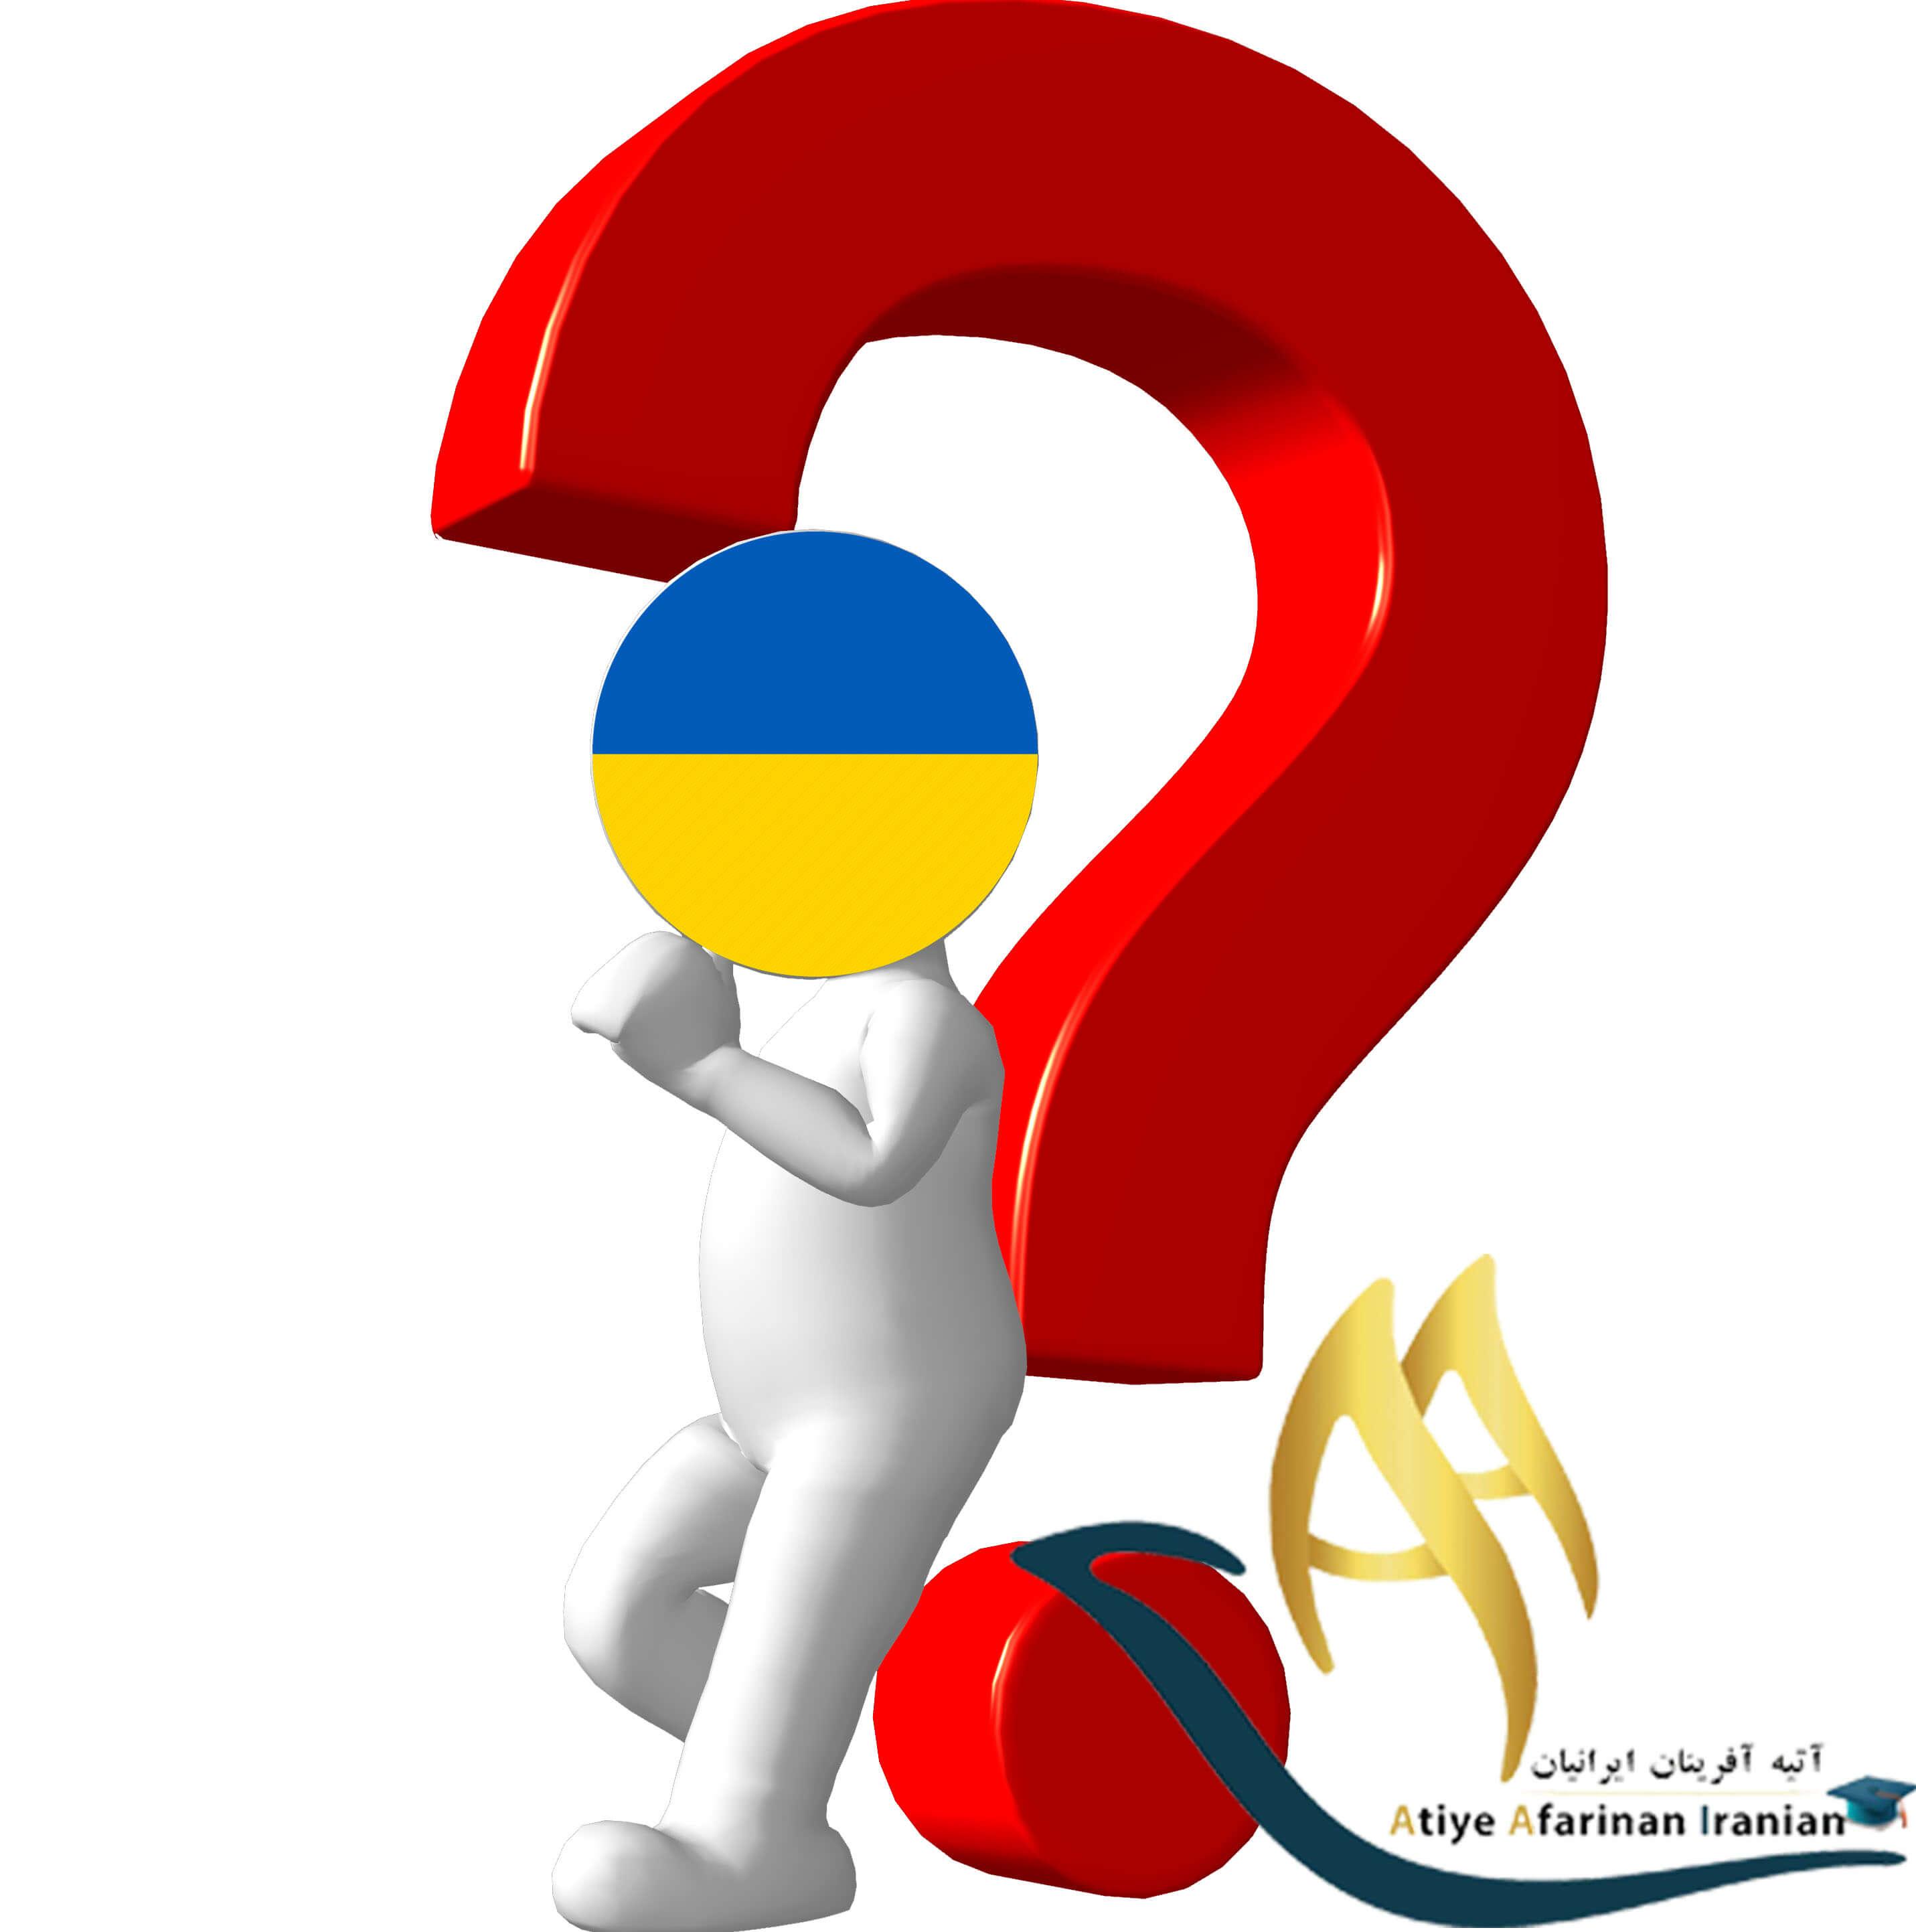 سوالات متداول در مورد تحصیل در اوکراین